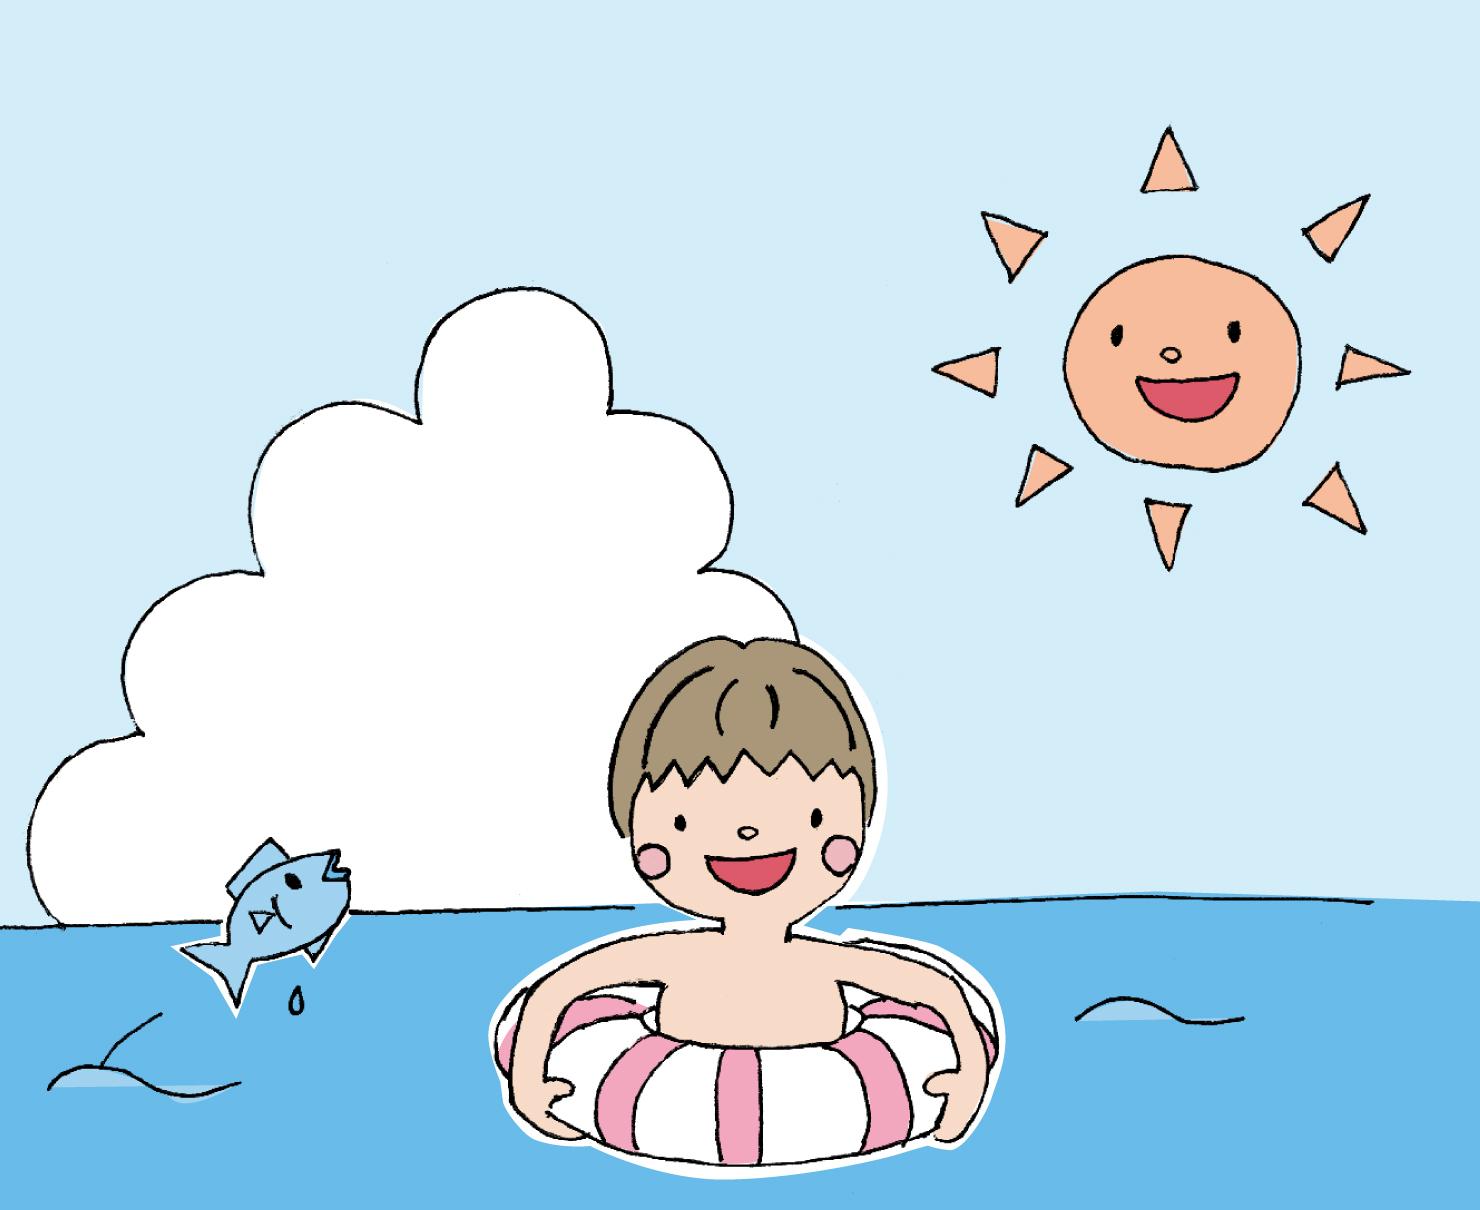 シンプルでかわいい男の子が浮き輪で海を泳いでいるイラスト